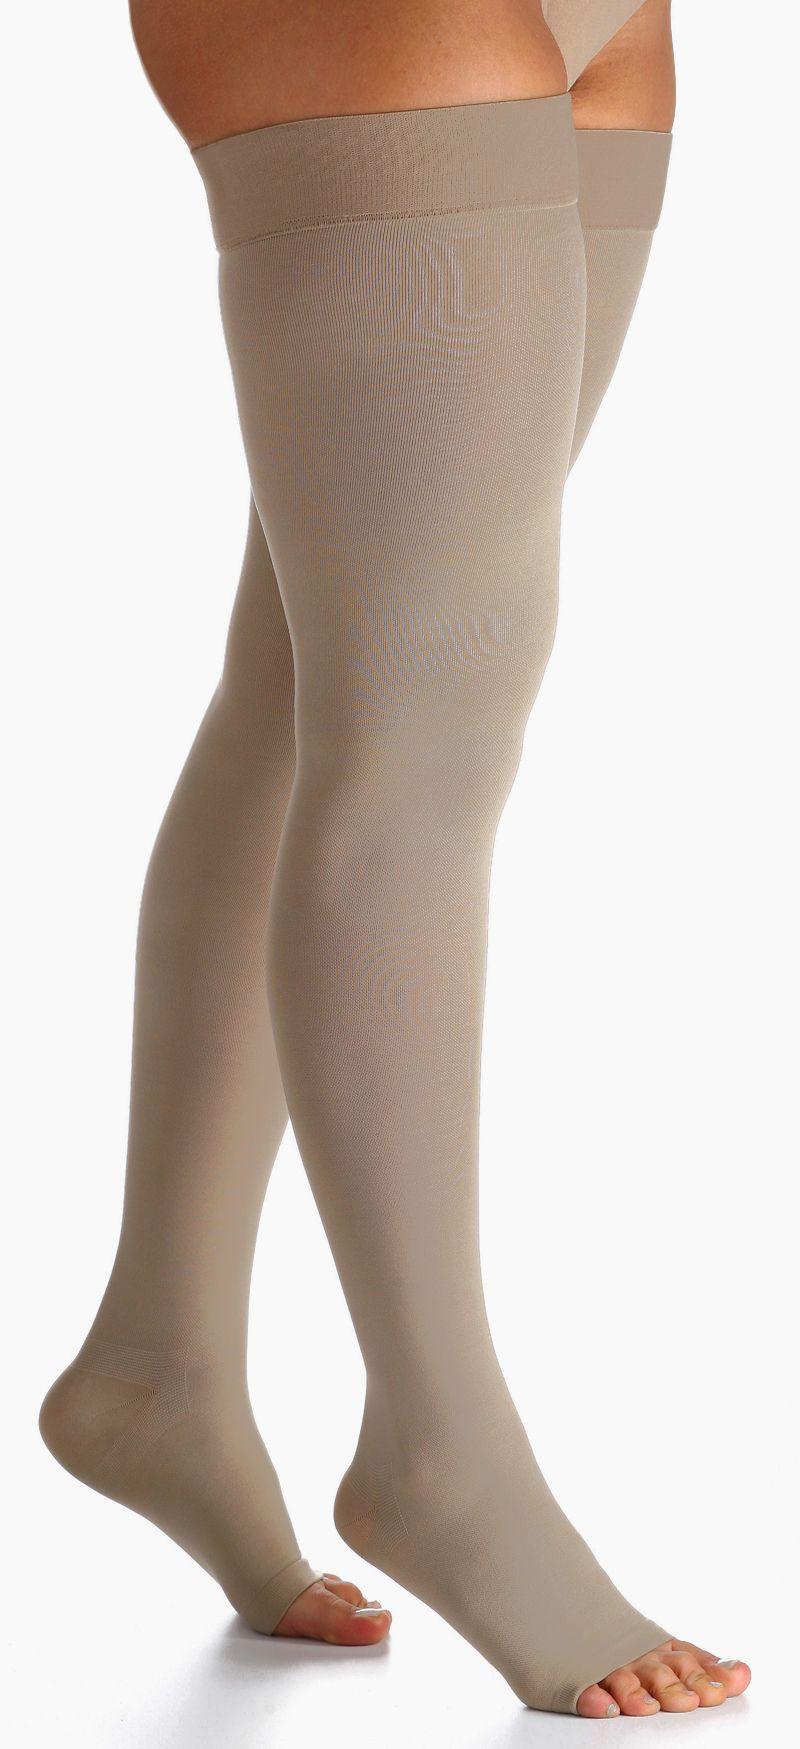 Meia de Compressão Essencial Conforto - Meia coxa - 30-40 mmHg - Aberta - Natural Escuro